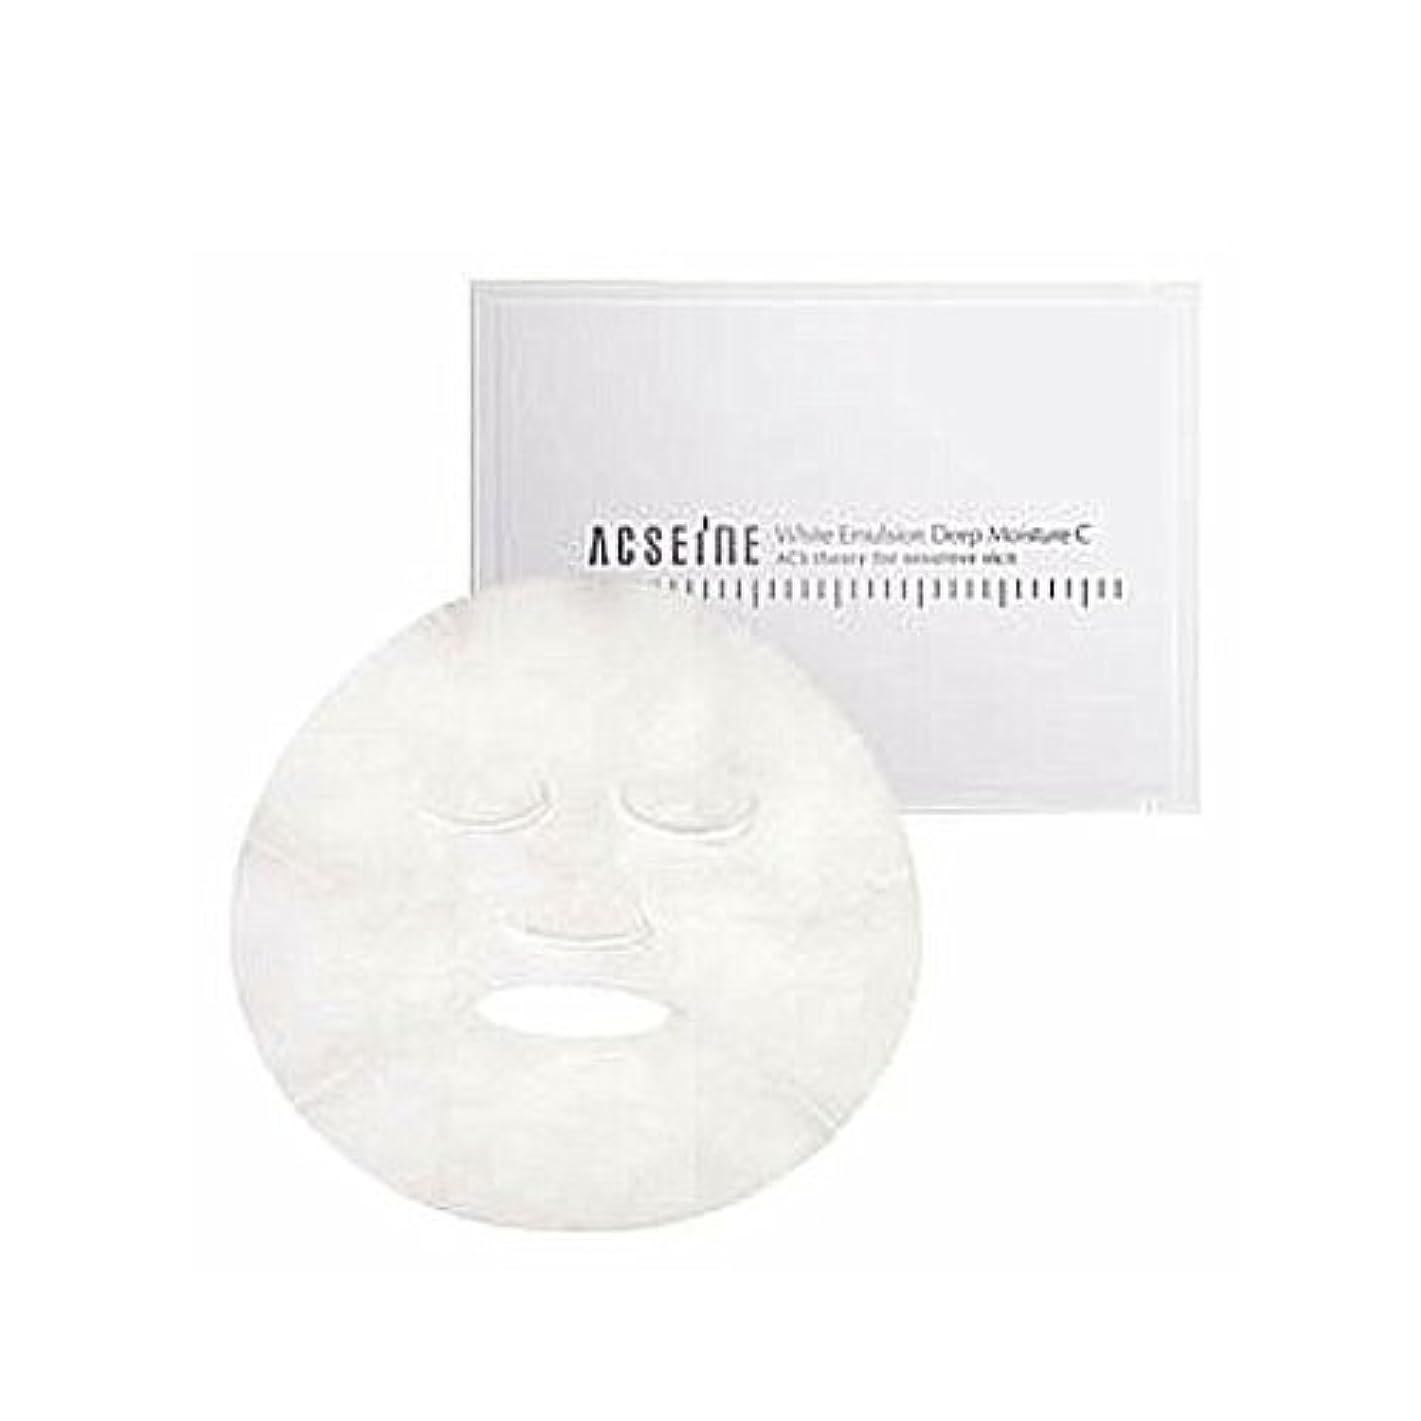 意見安全な運命的なアクセーヌ ホワイト エマルジョン ディープモイスチュア Cマスク 22mL×8枚入 [並行輸入品]